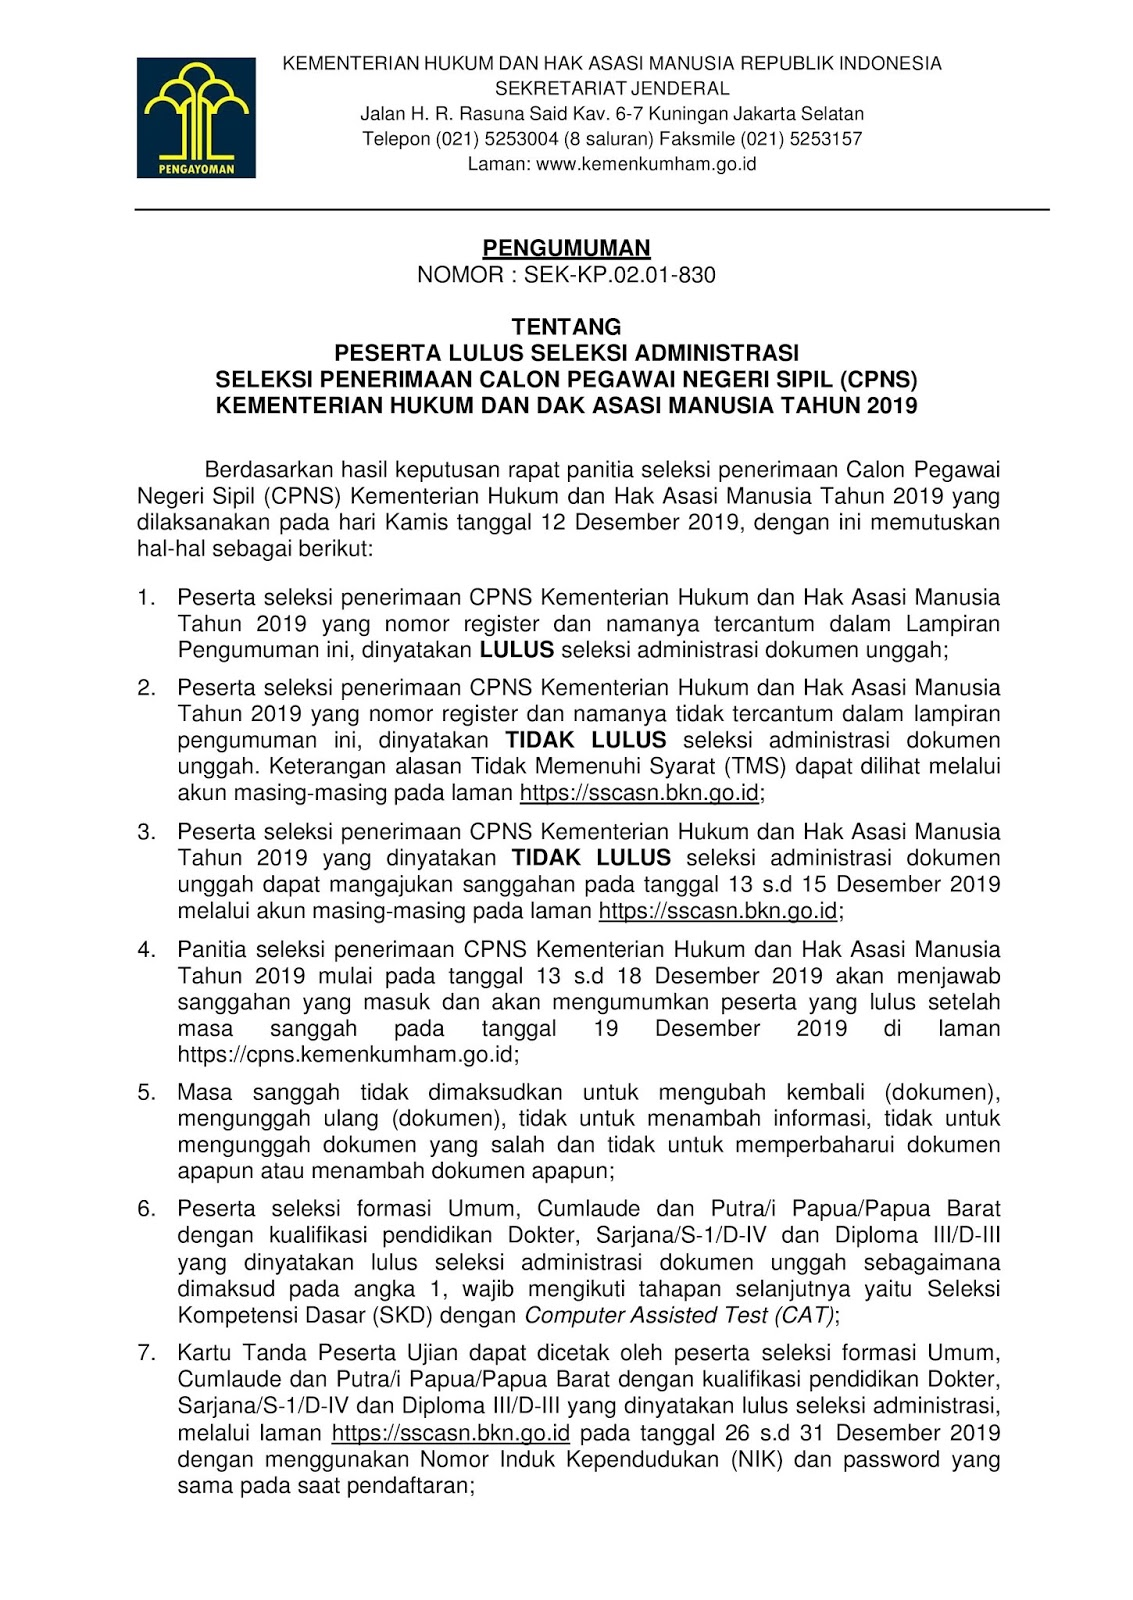 Hasil Seleksi Administrasi CPNS Kementerian Hukum dan HAM Tahun 2019